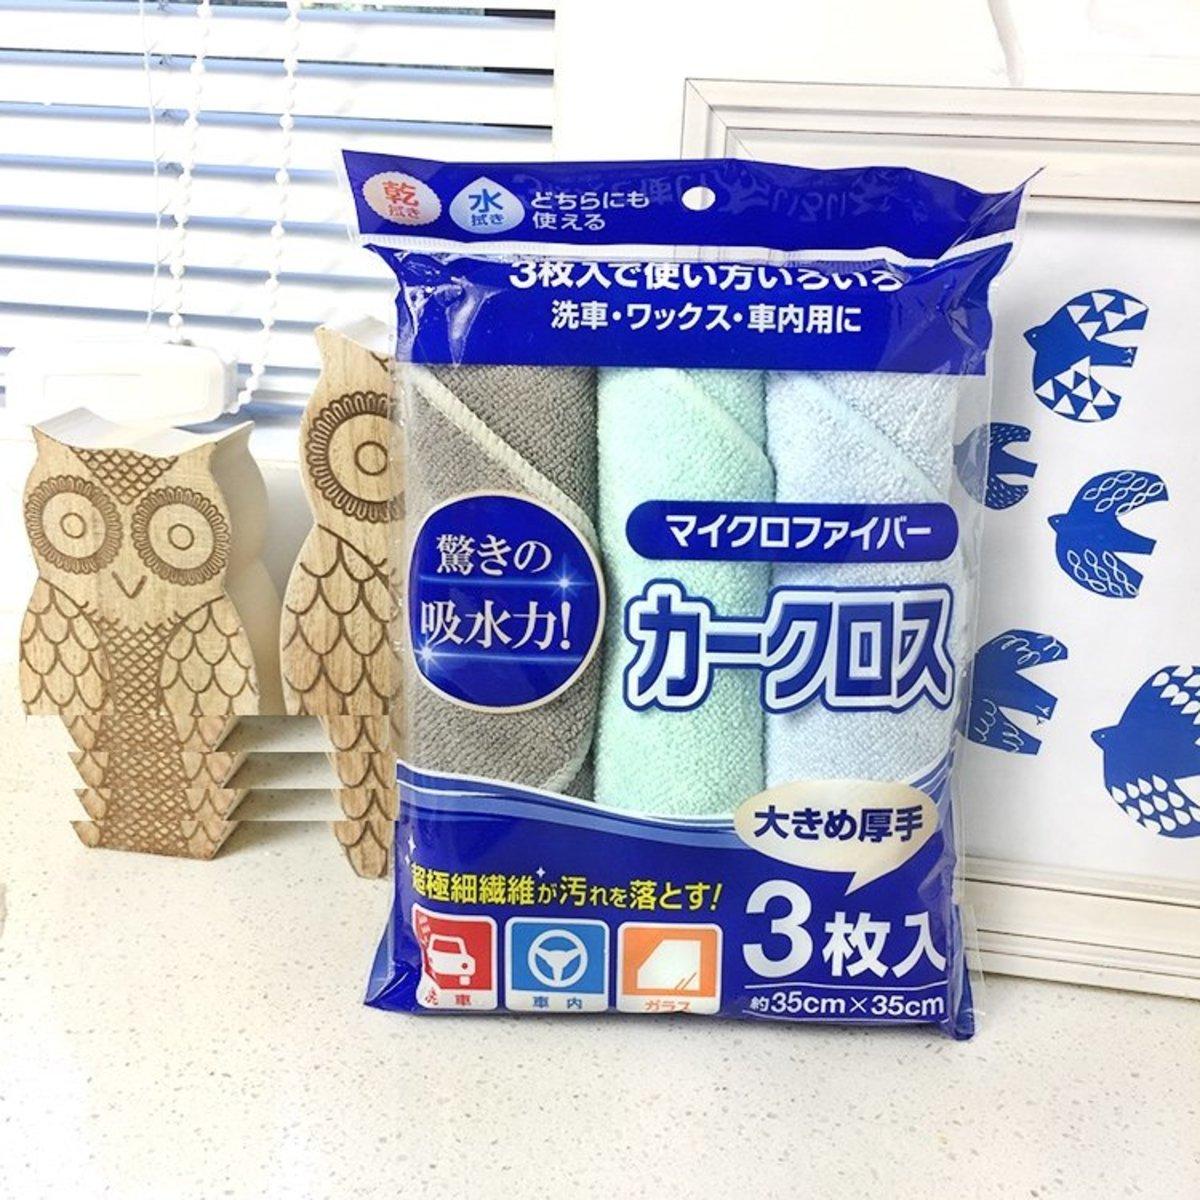 日本洗車/家居極細纖維抹布 (一包3枚入)